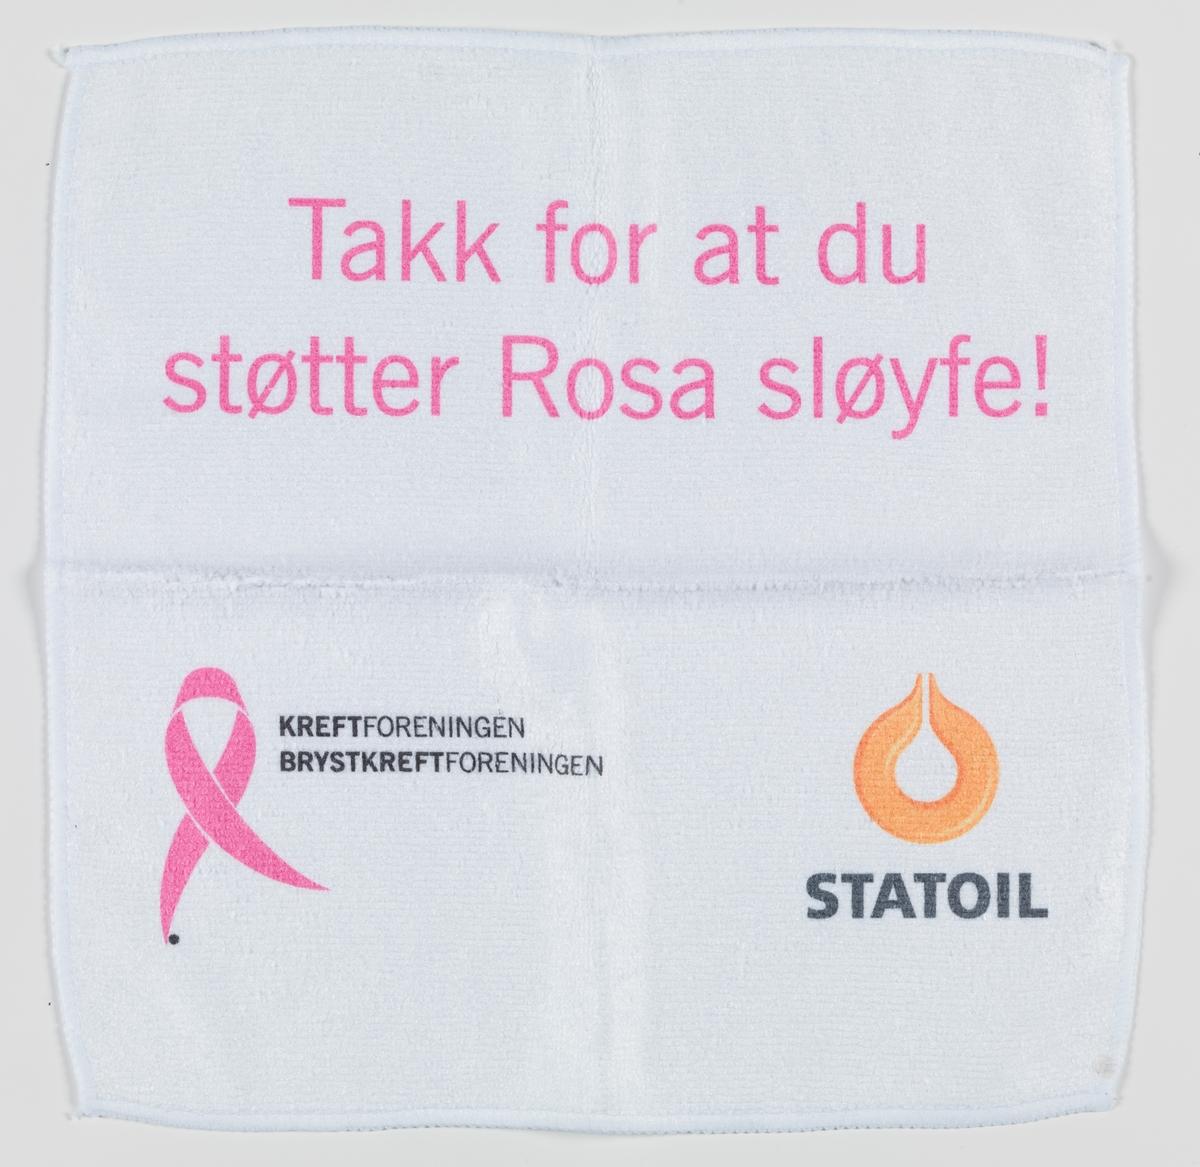 Vaskeklut del av objekt Vaskekluten er hvit med rosa påskrift og logoen til Rosa sløyfeaksjonen o glogoen til Statoil